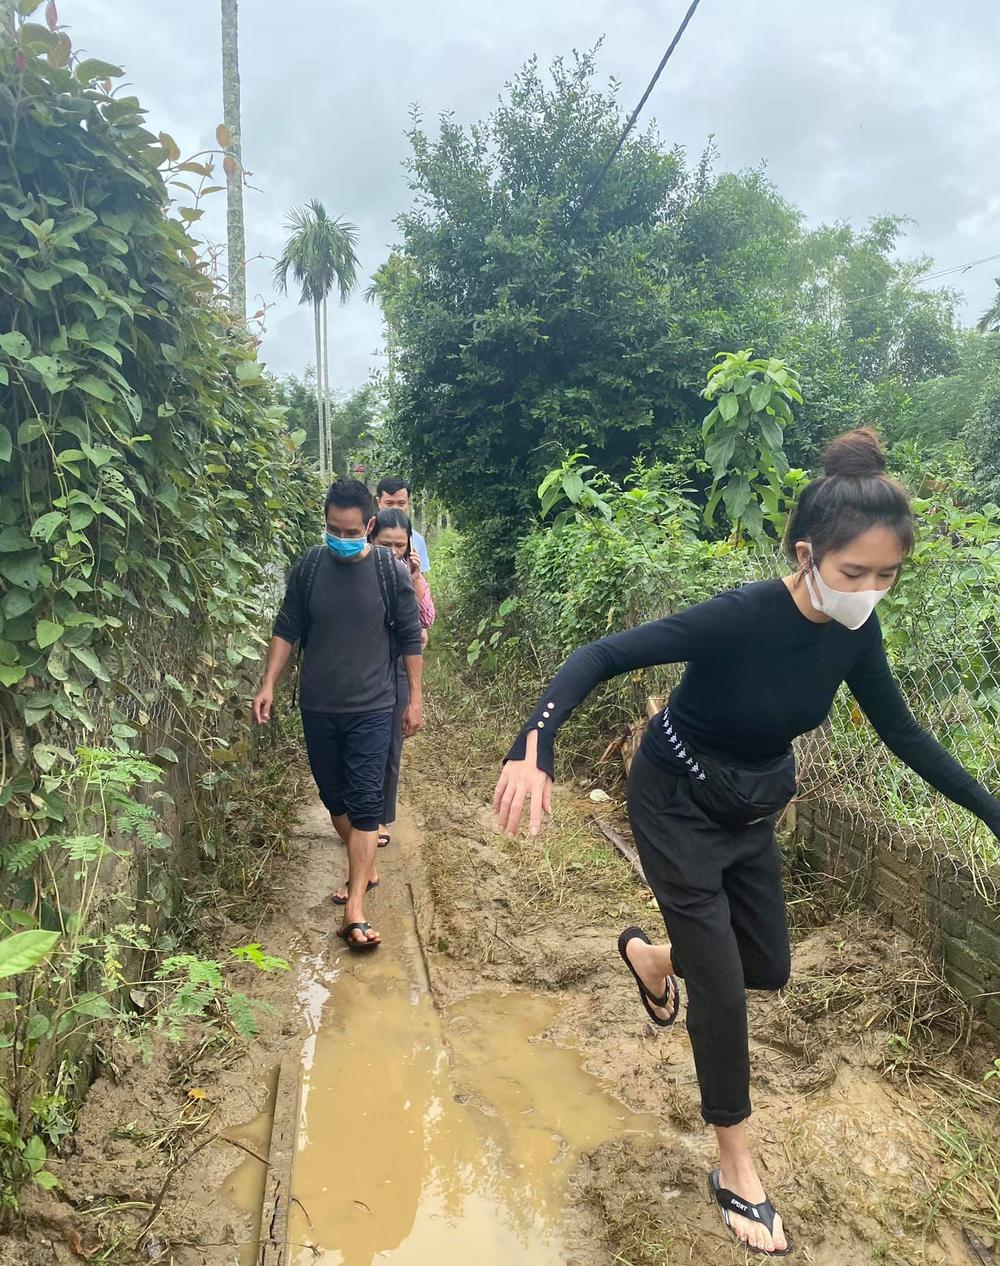 Vợ chồng Lý Hải - Minh Hà nhắn gửi đến các đoàn từ thiện cẩn thận khi đi miền Trung Ảnh 3